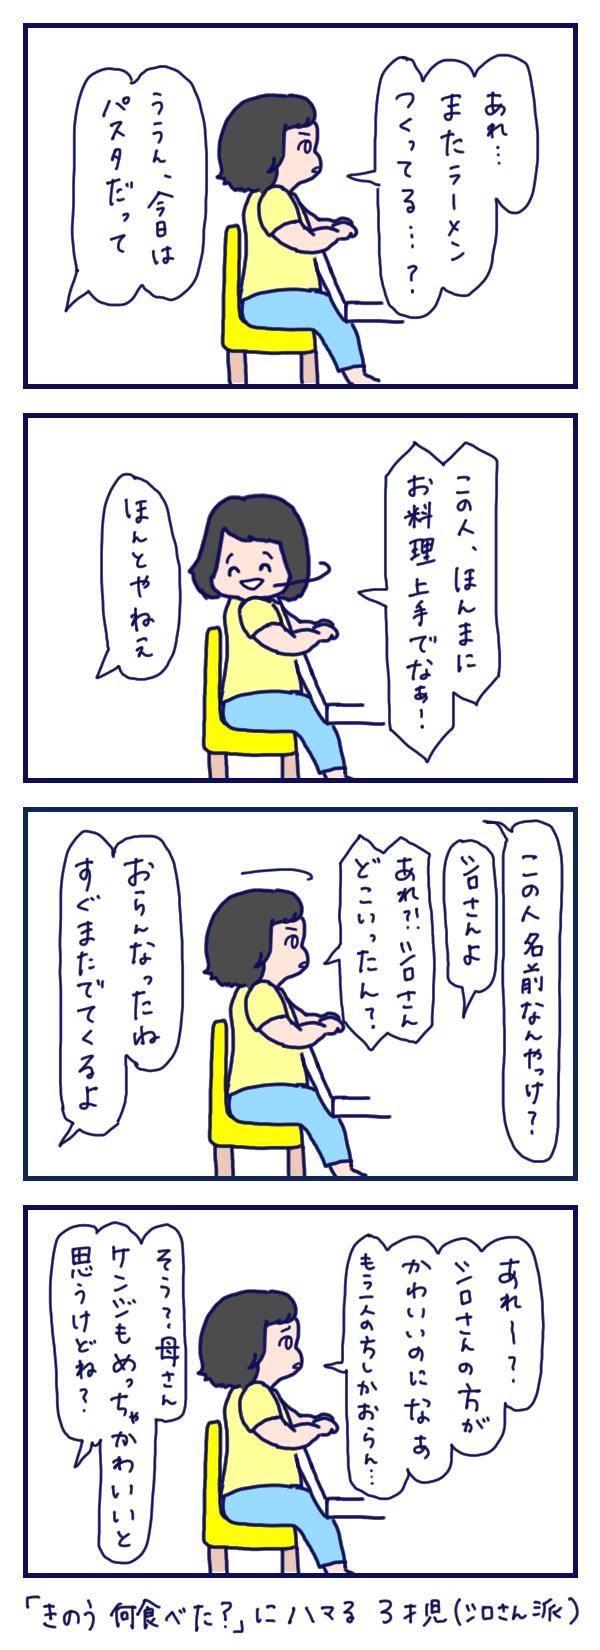 f:id:konatsusuika:20190802143056j:plain